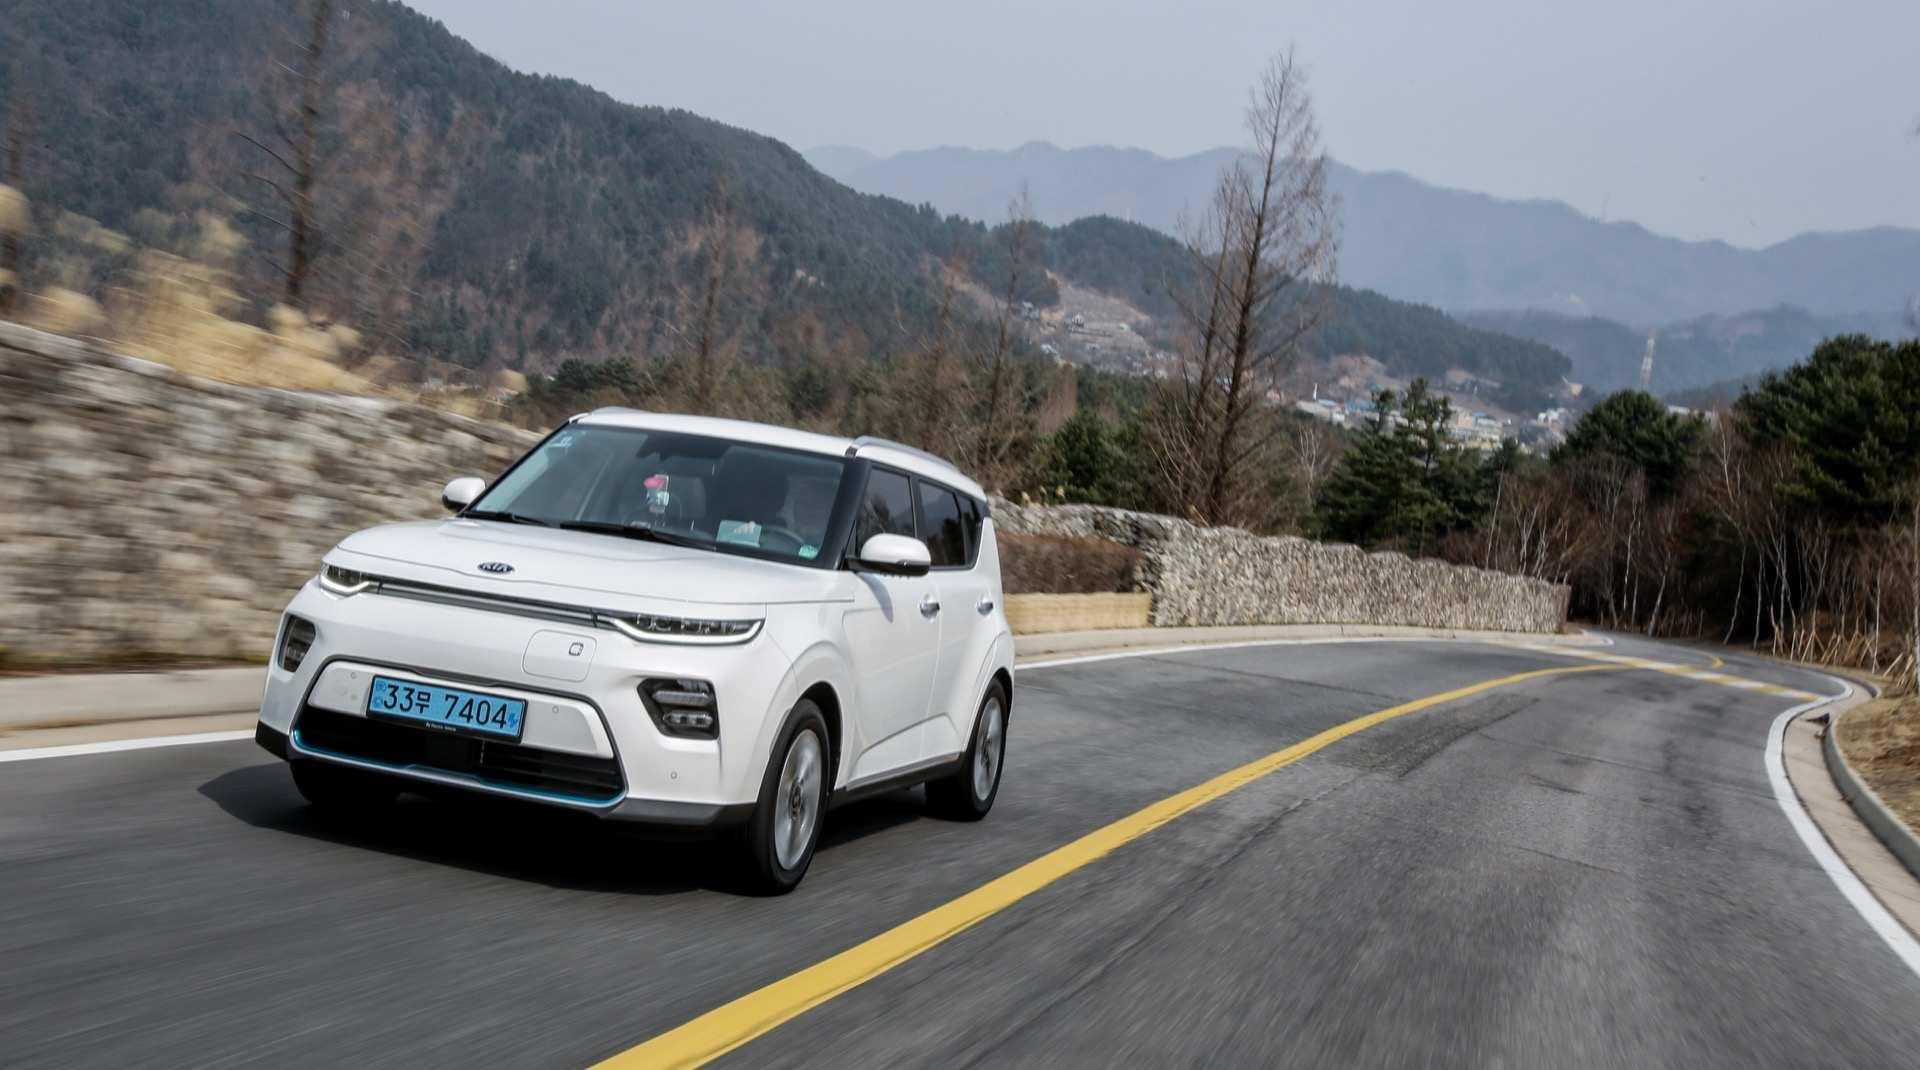 78 All New Kia Electric Suv 2020 New Concept with Kia Electric Suv 2020